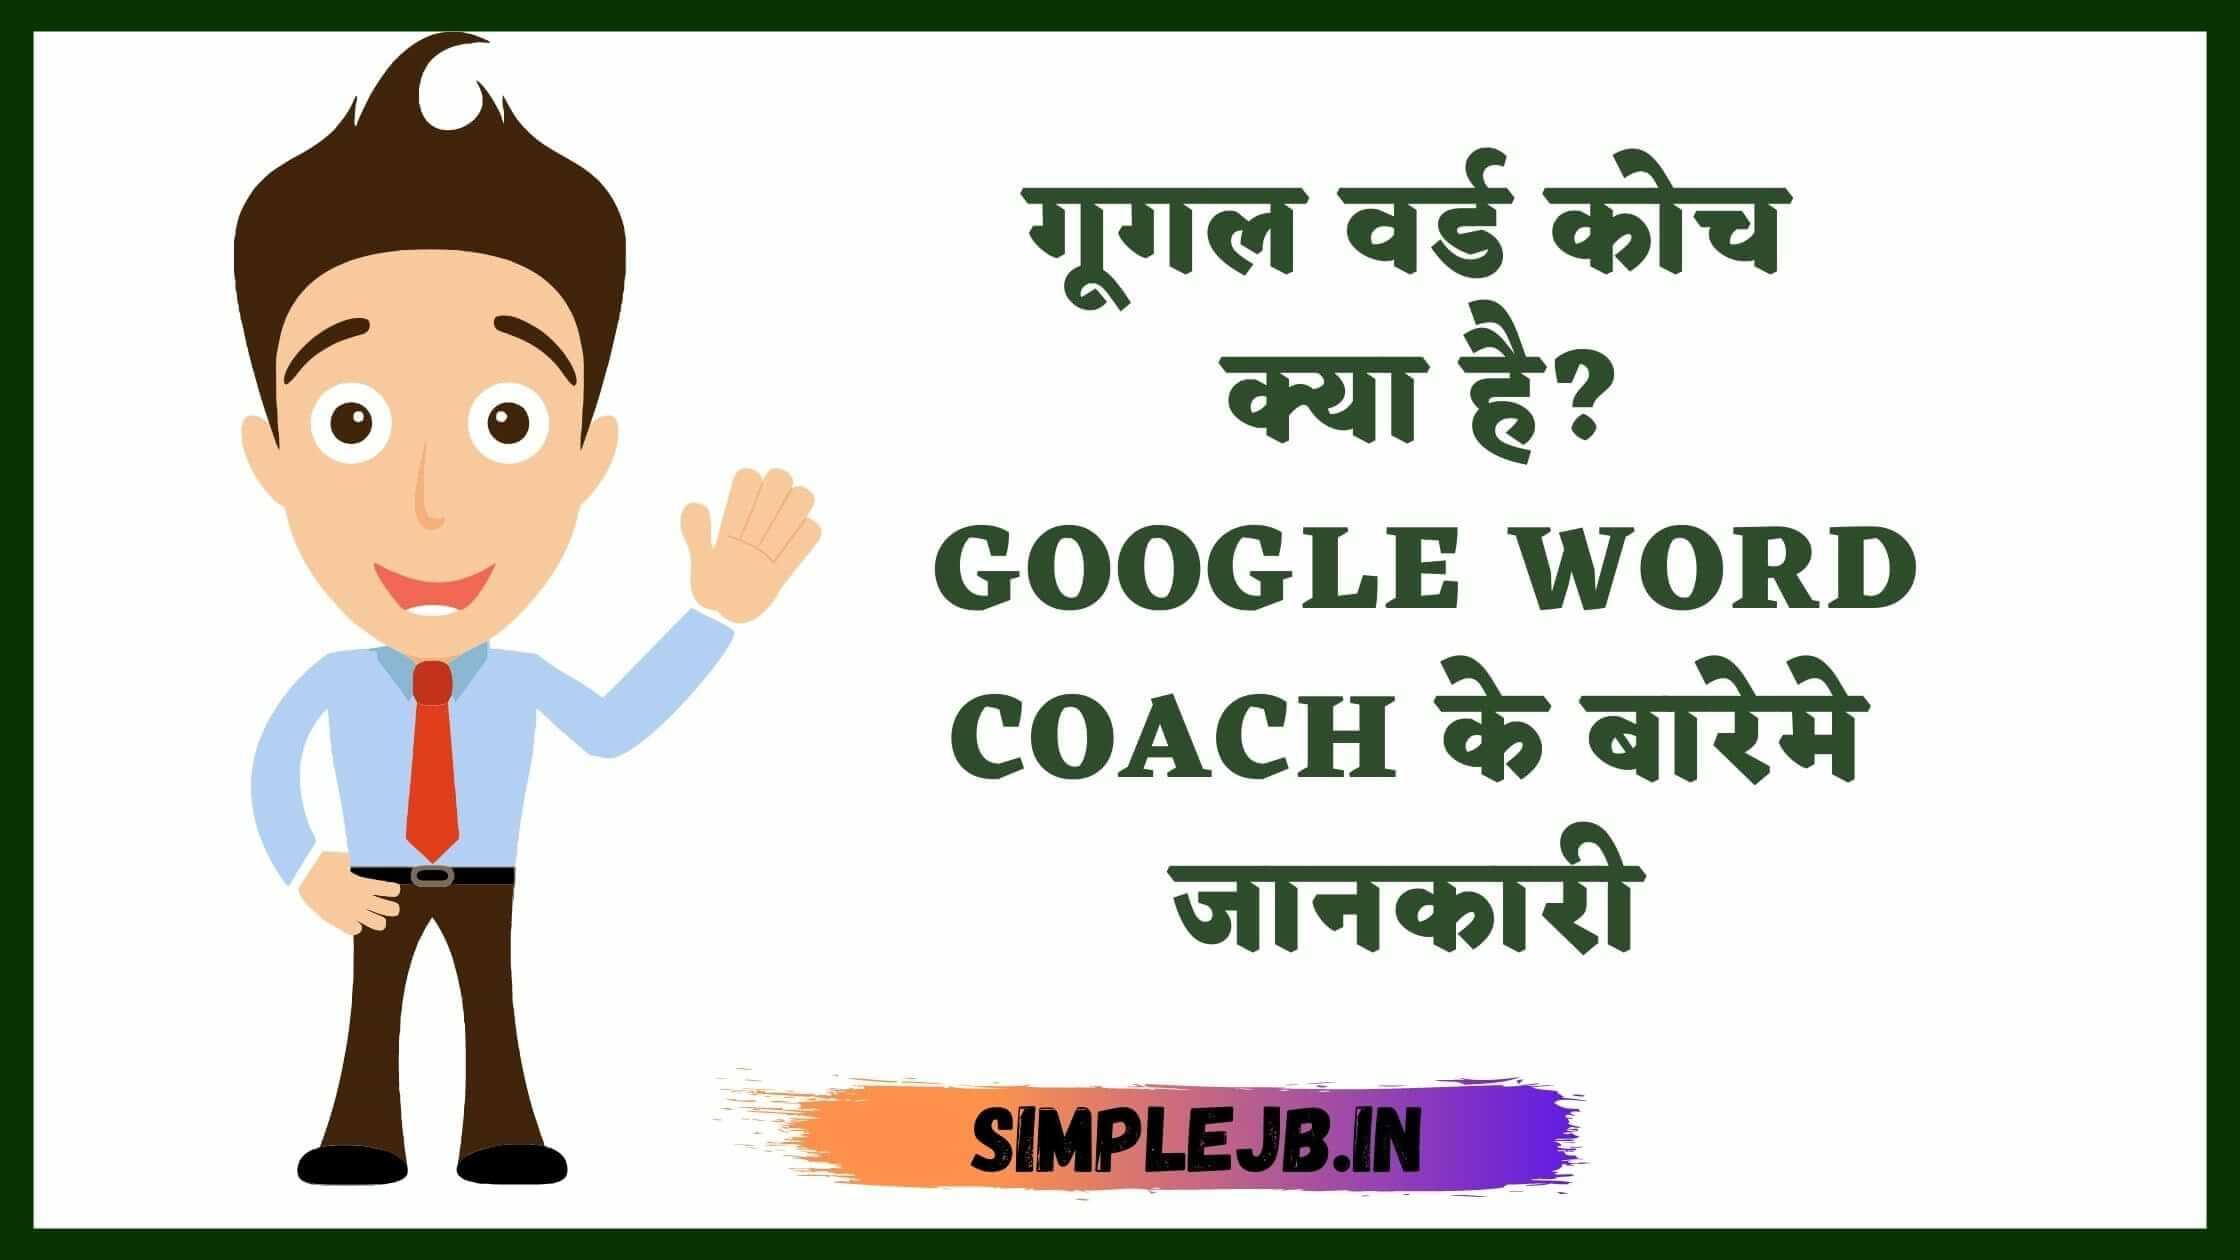 Google-Word-coach-kya hai